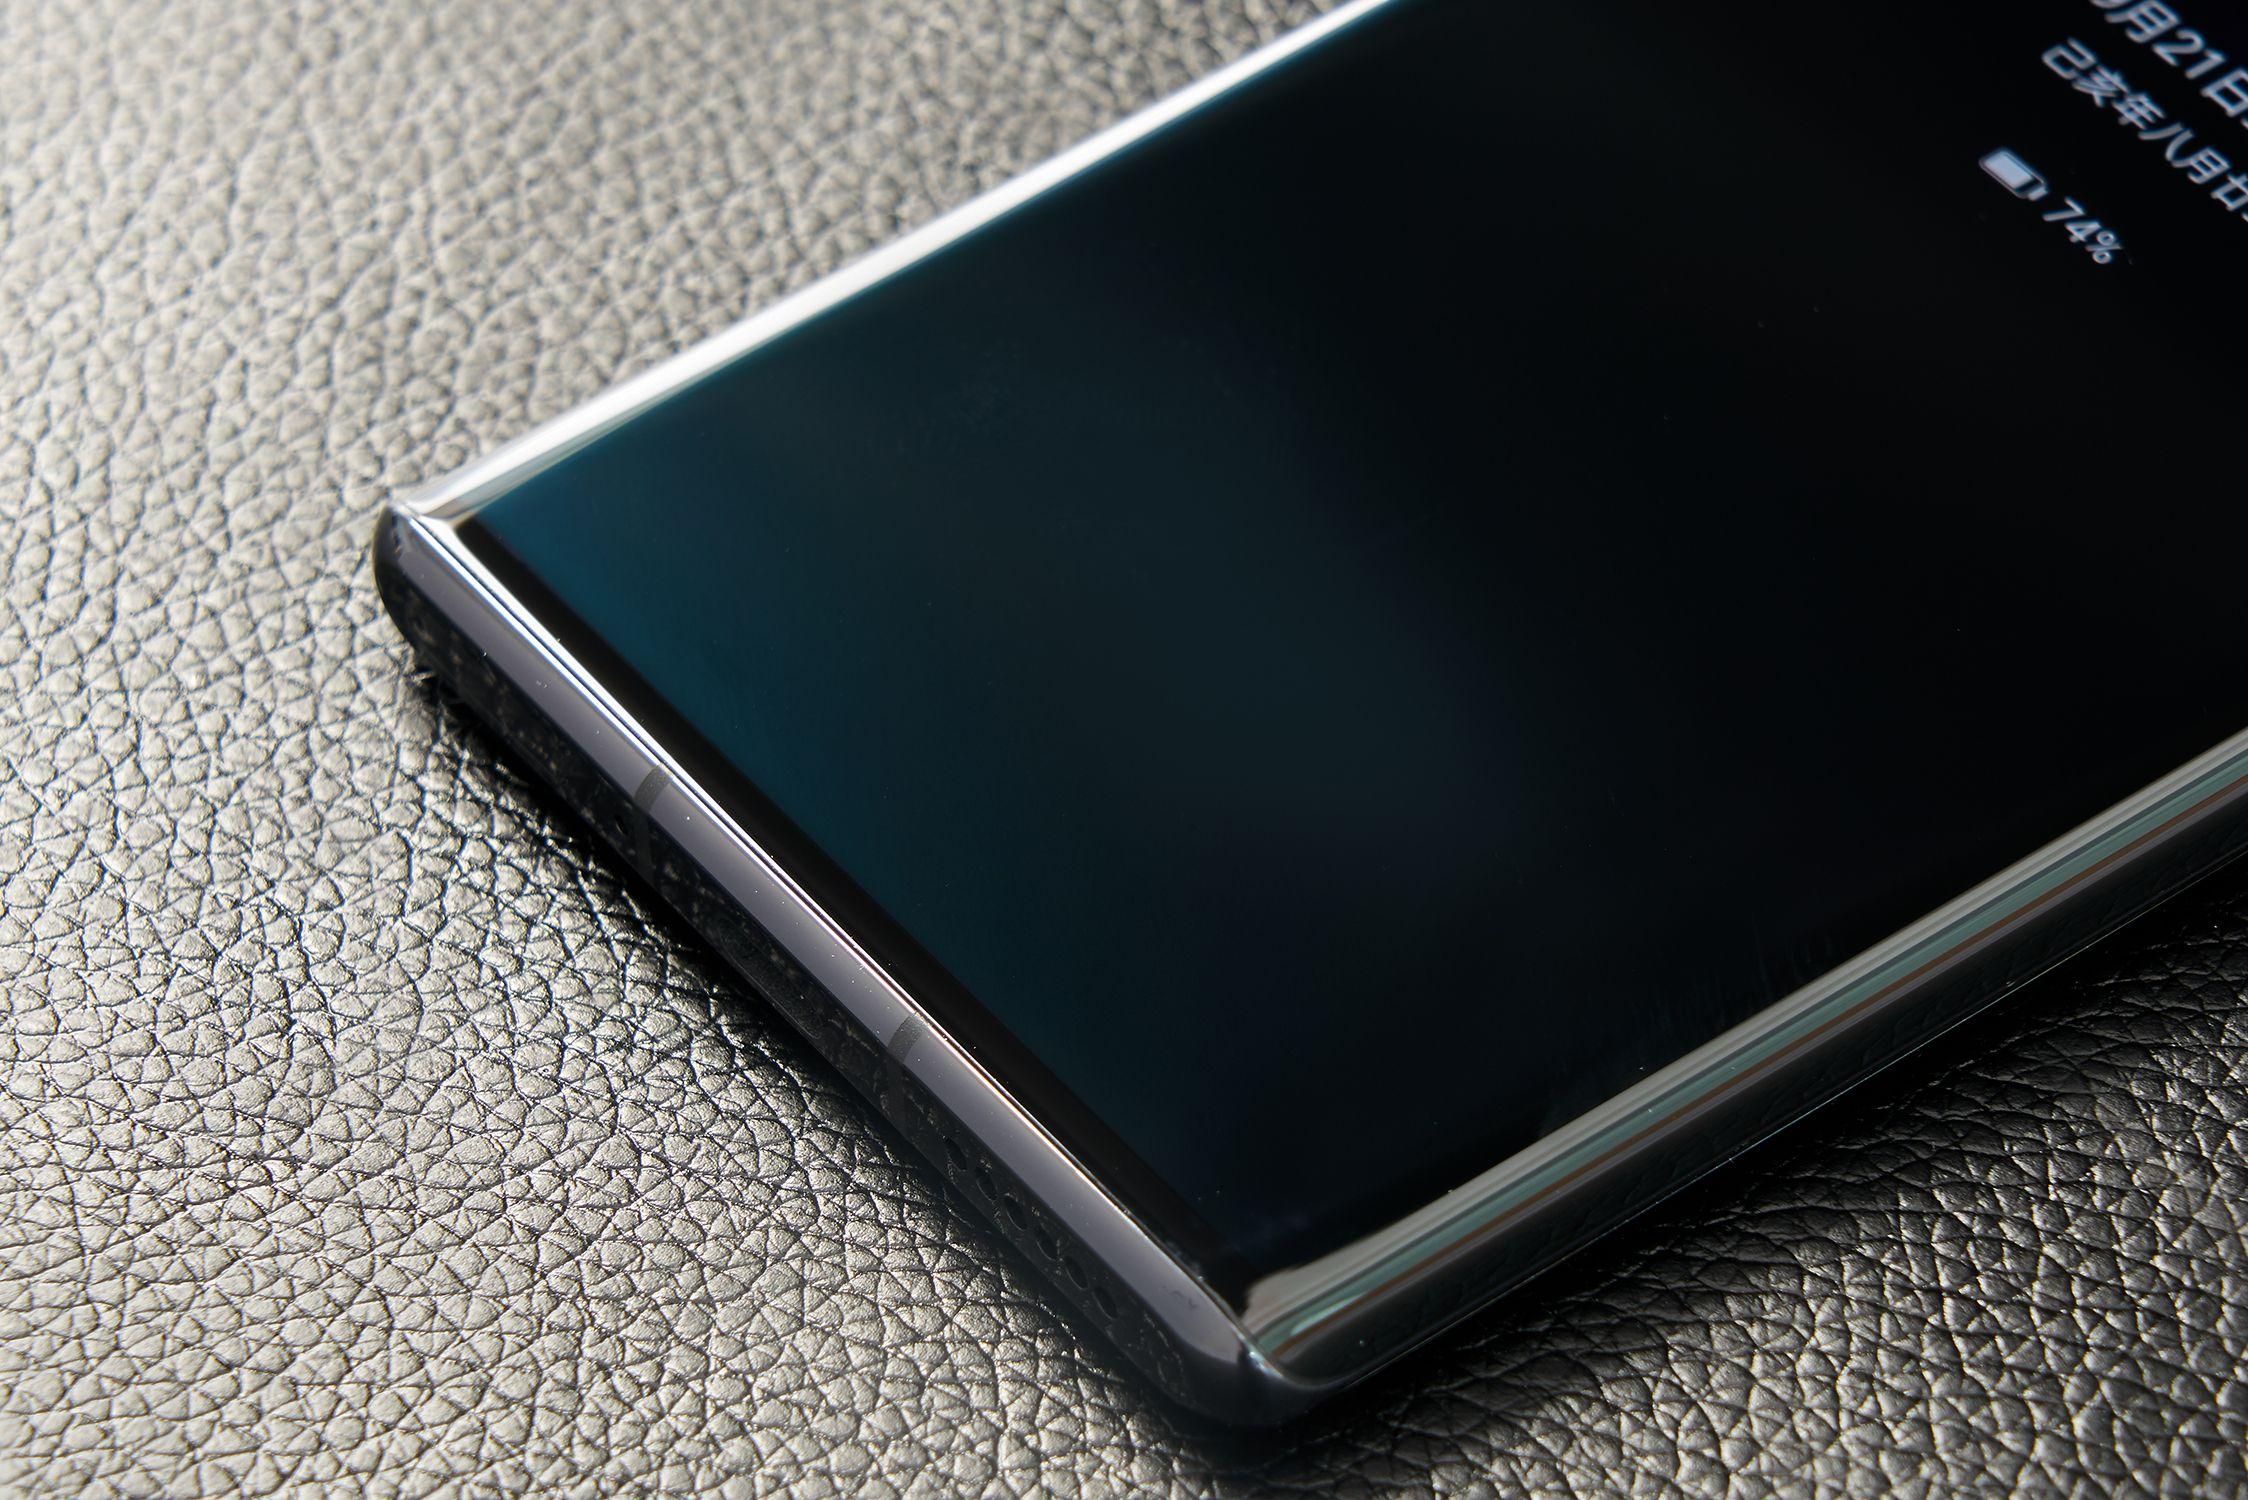 华为Mate30 Pro上手评测:超曲面环幕屏,影像能力提升明显的照片 - 6